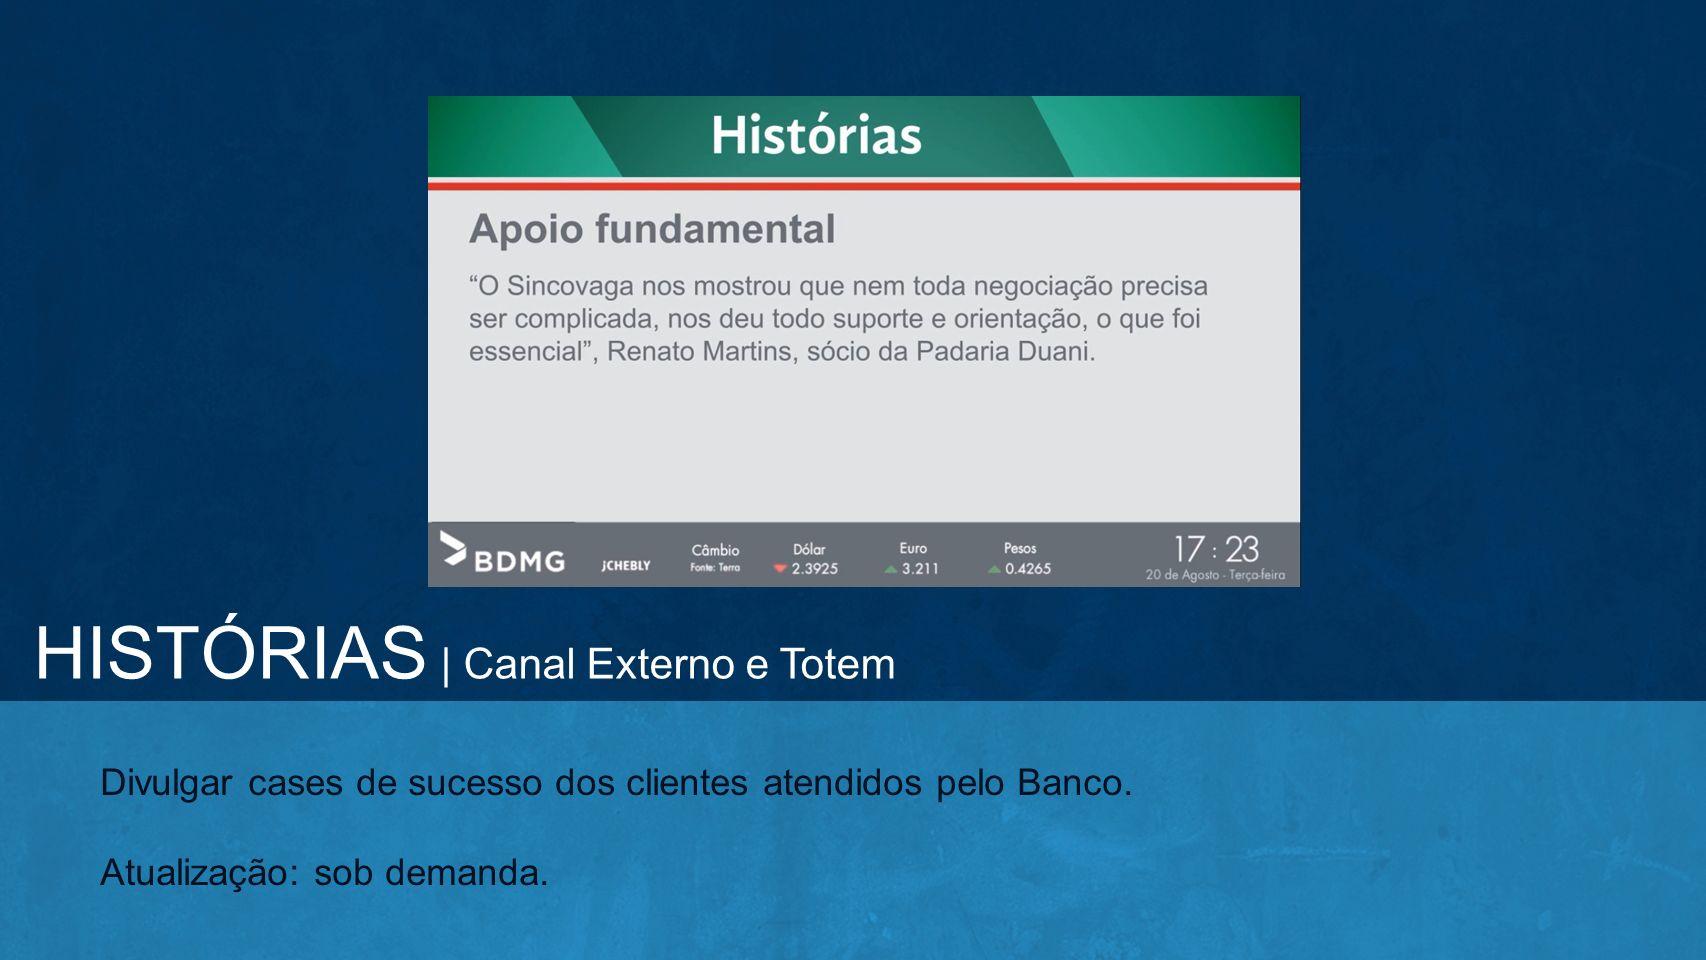 Divulgar cases de sucesso dos clientes atendidos pelo Banco. Atualização: sob demanda. HISTÓRIAS | Canal Externo e Totem